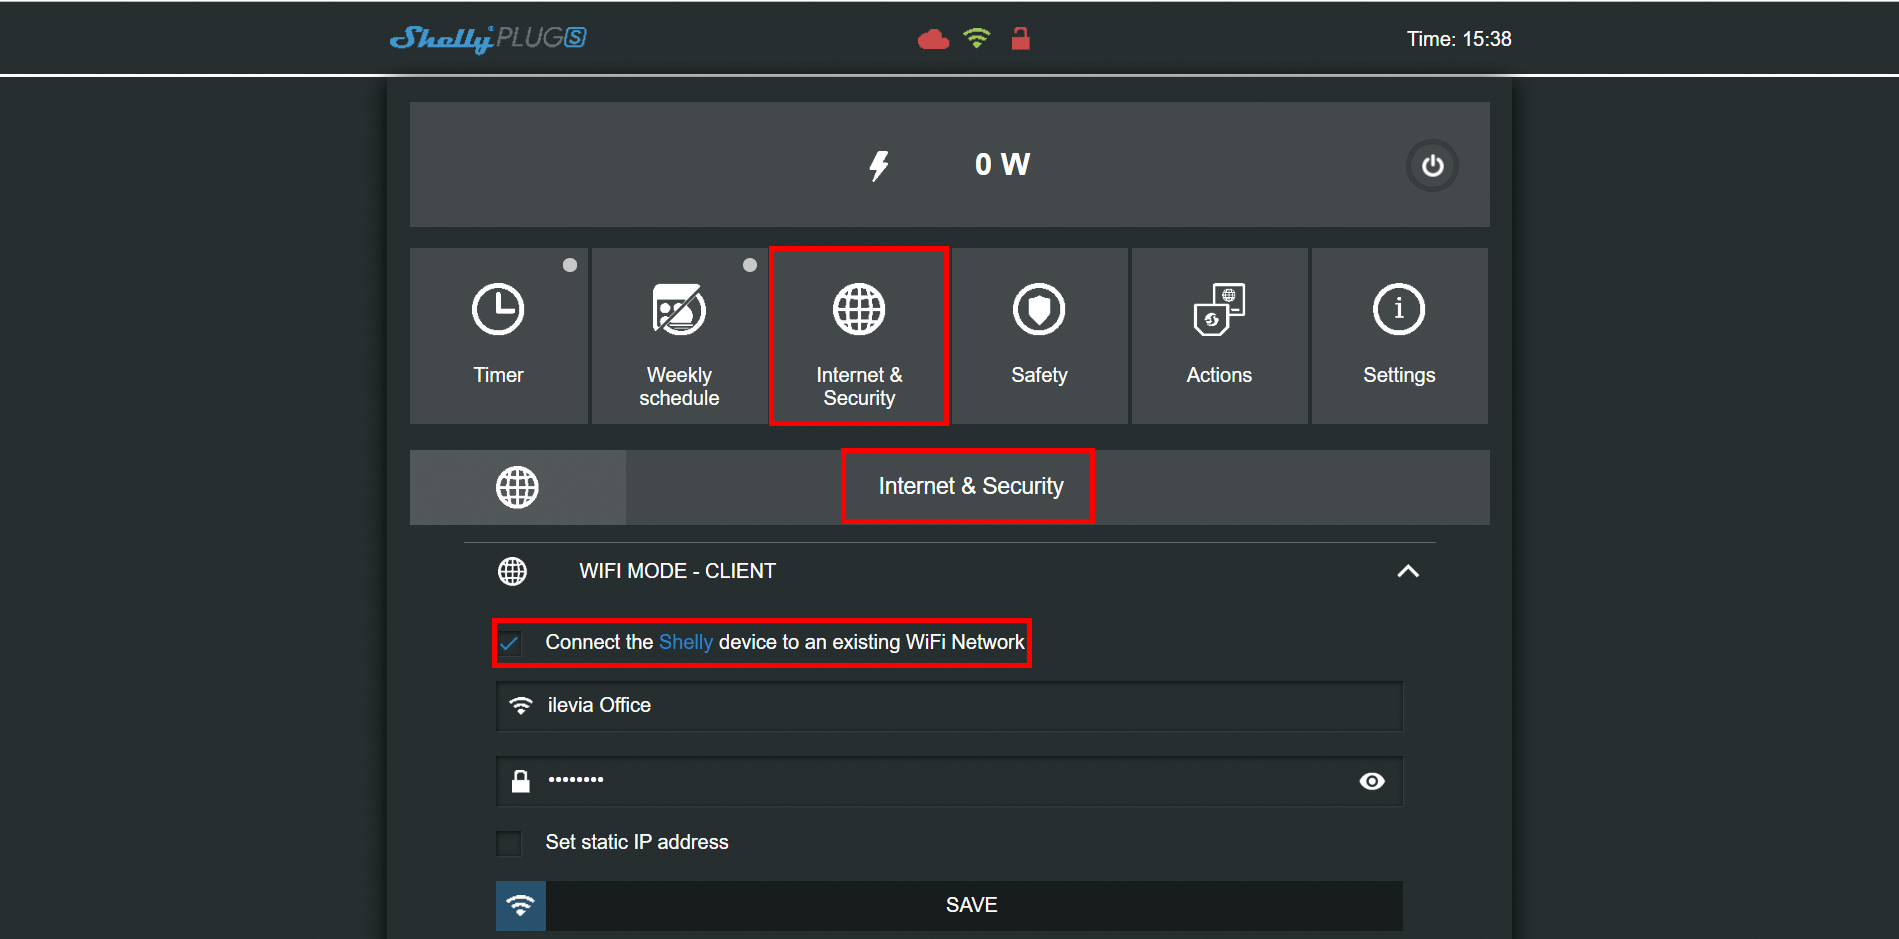 Come impostare la modalità wifi client nel dispositivo shelly